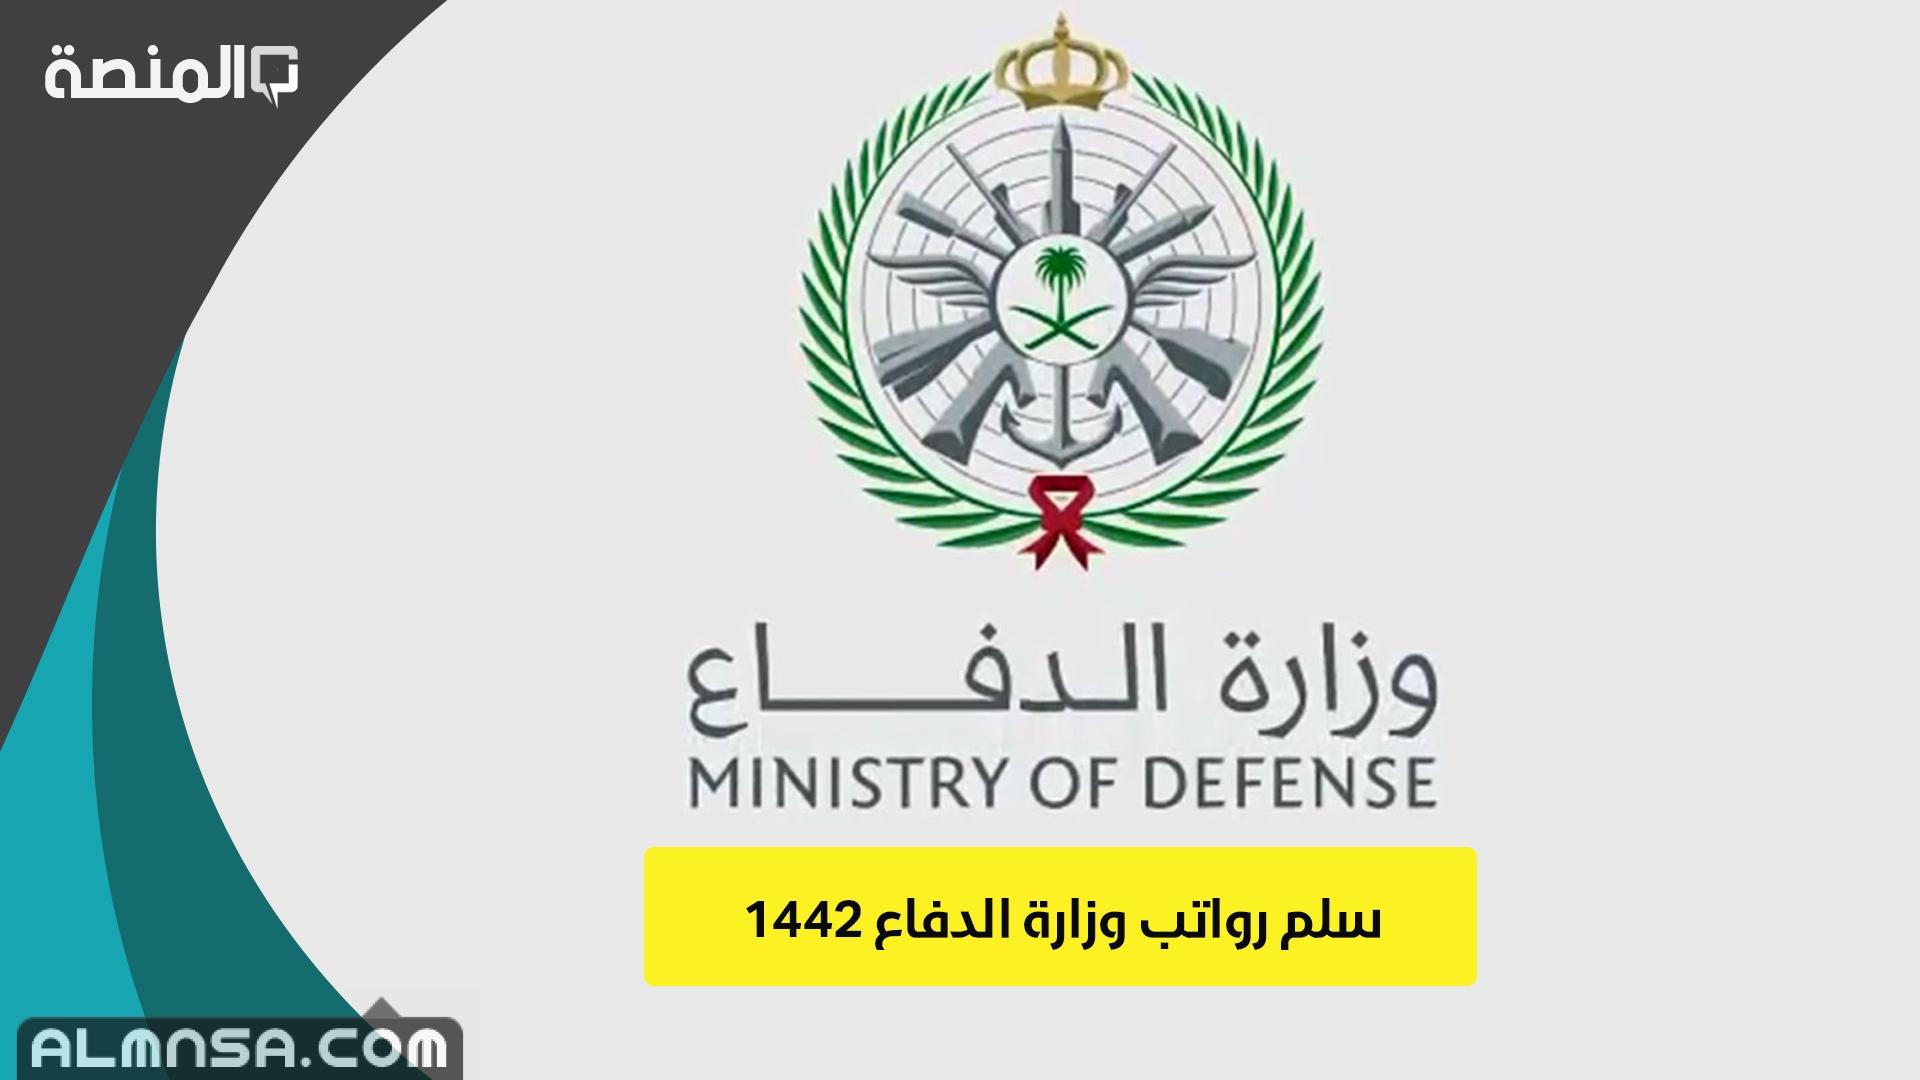 سلم رواتب وزارة الدفاع 1442 المنصة